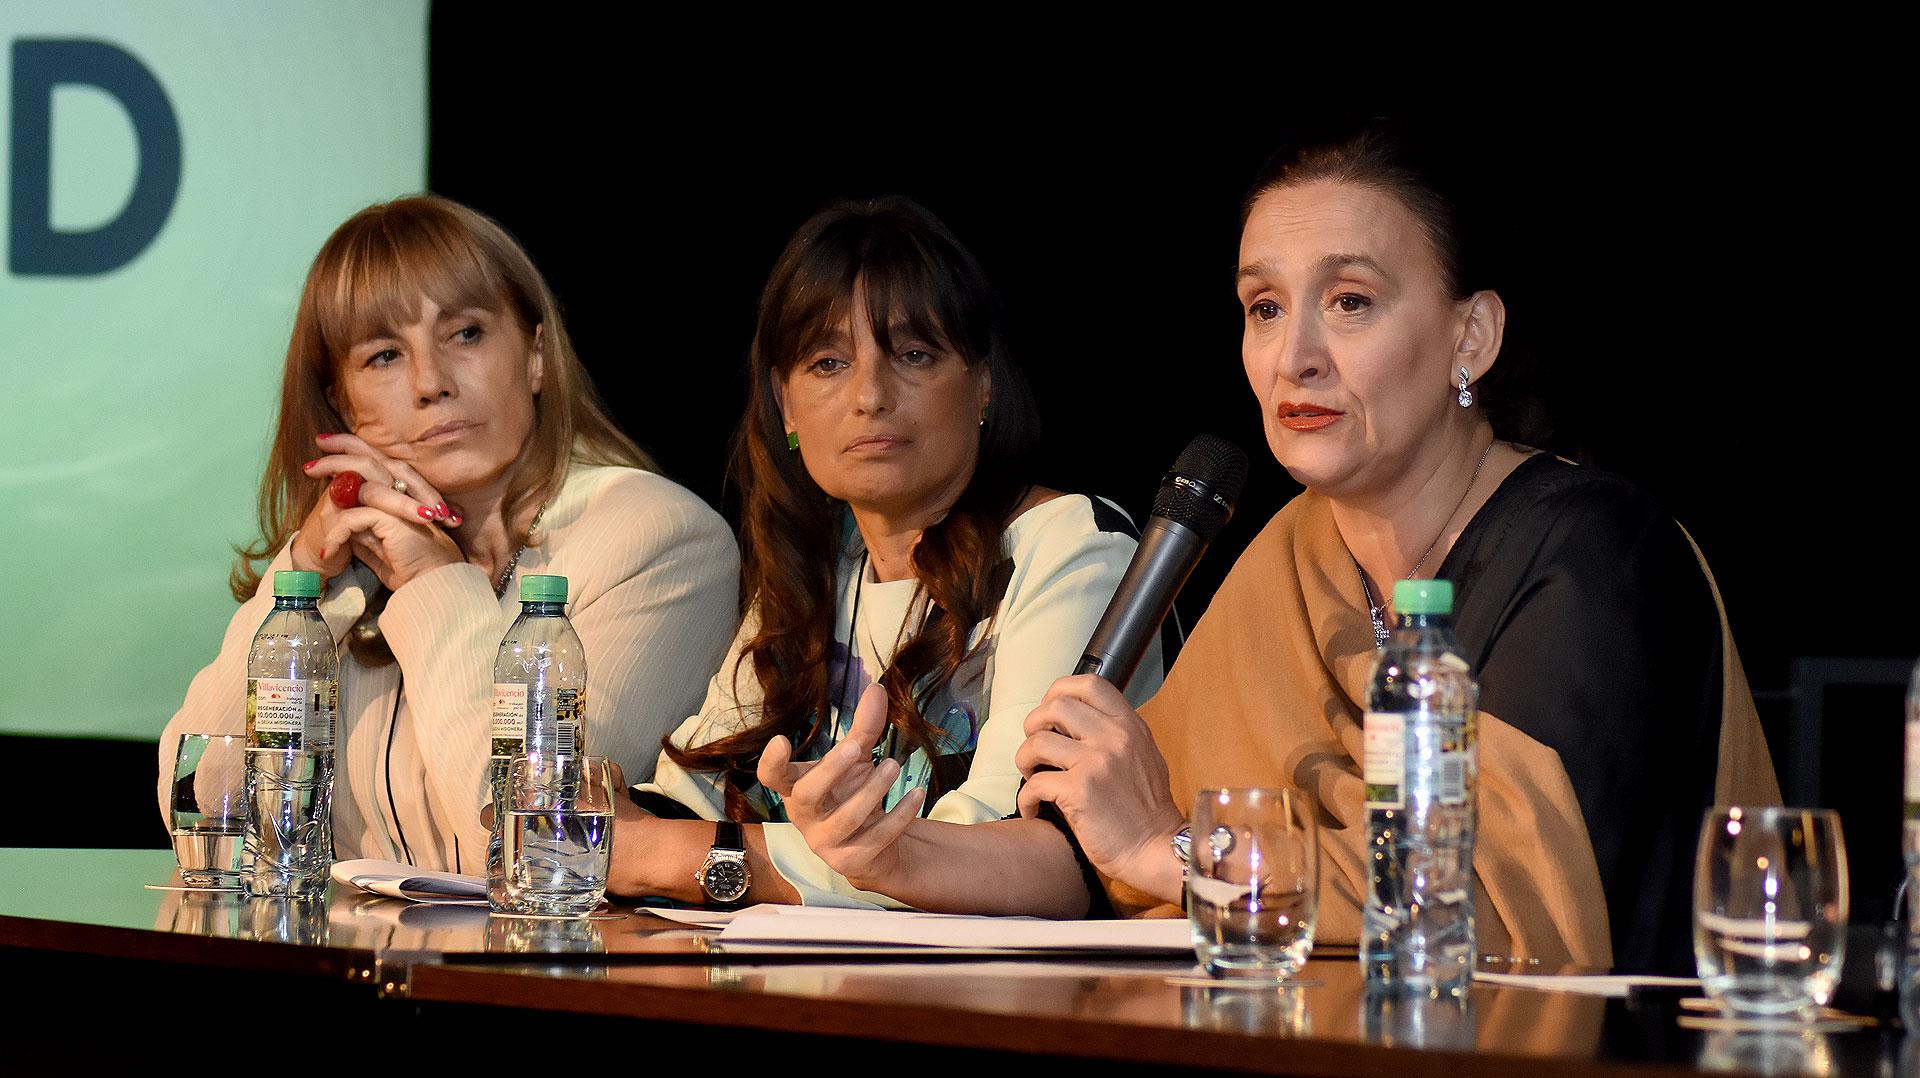 Las palabras de apertura estuvieron a cargo de la Vicepresidente, Gabriela Michetti